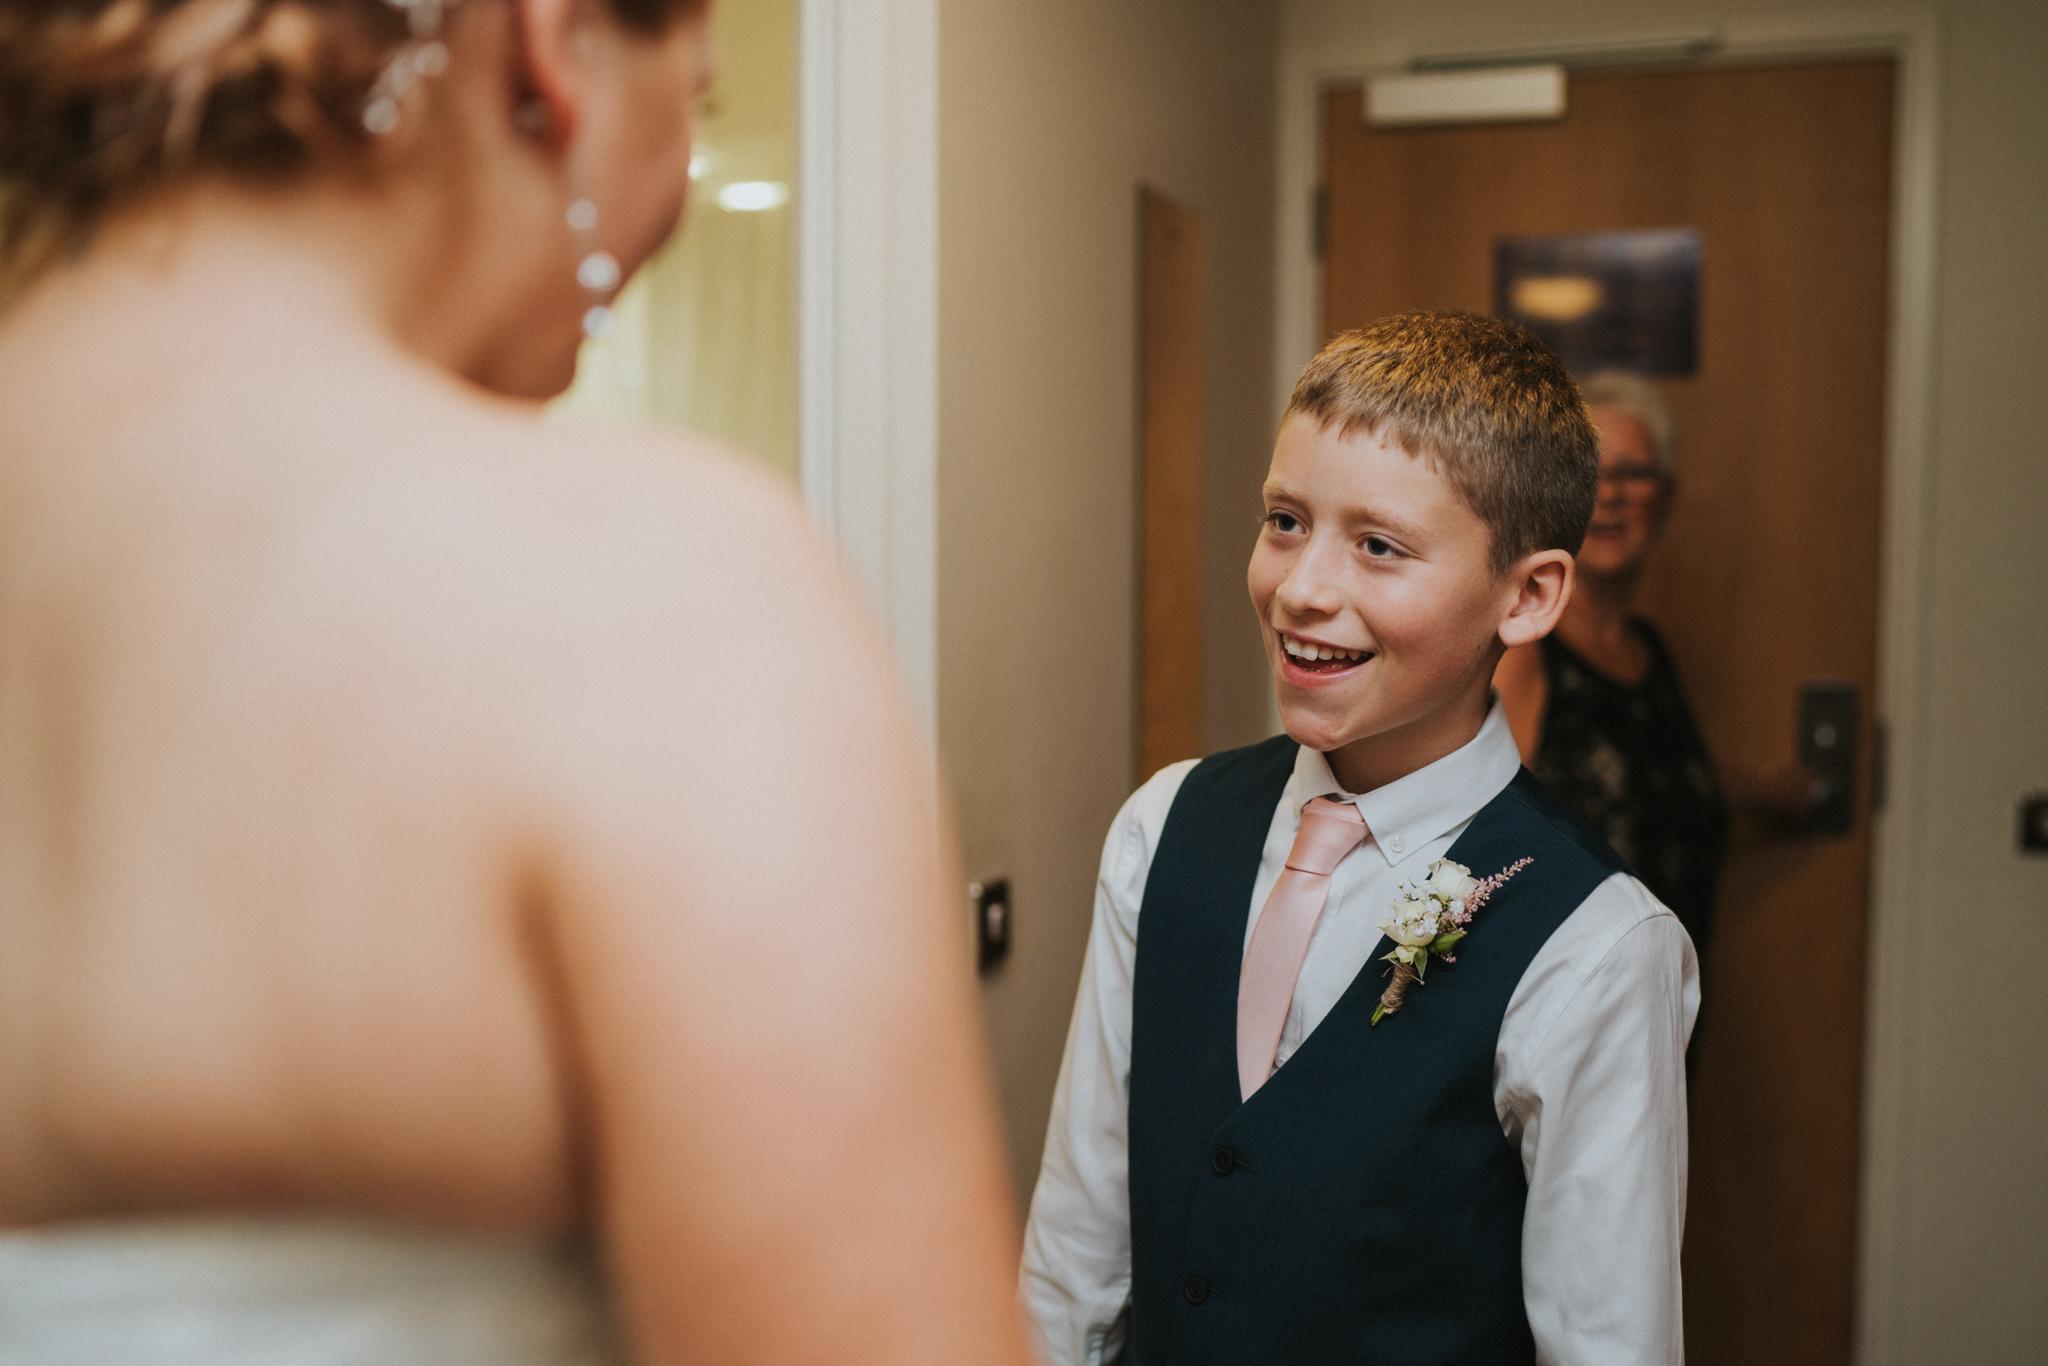 steph-neil-red-brick-barn-rochford-wedding-grace-elizabeth-colchester-essex-alternative-wedding-photographer-essex-suffolk-norfolk-devon (2 of 43).jpg